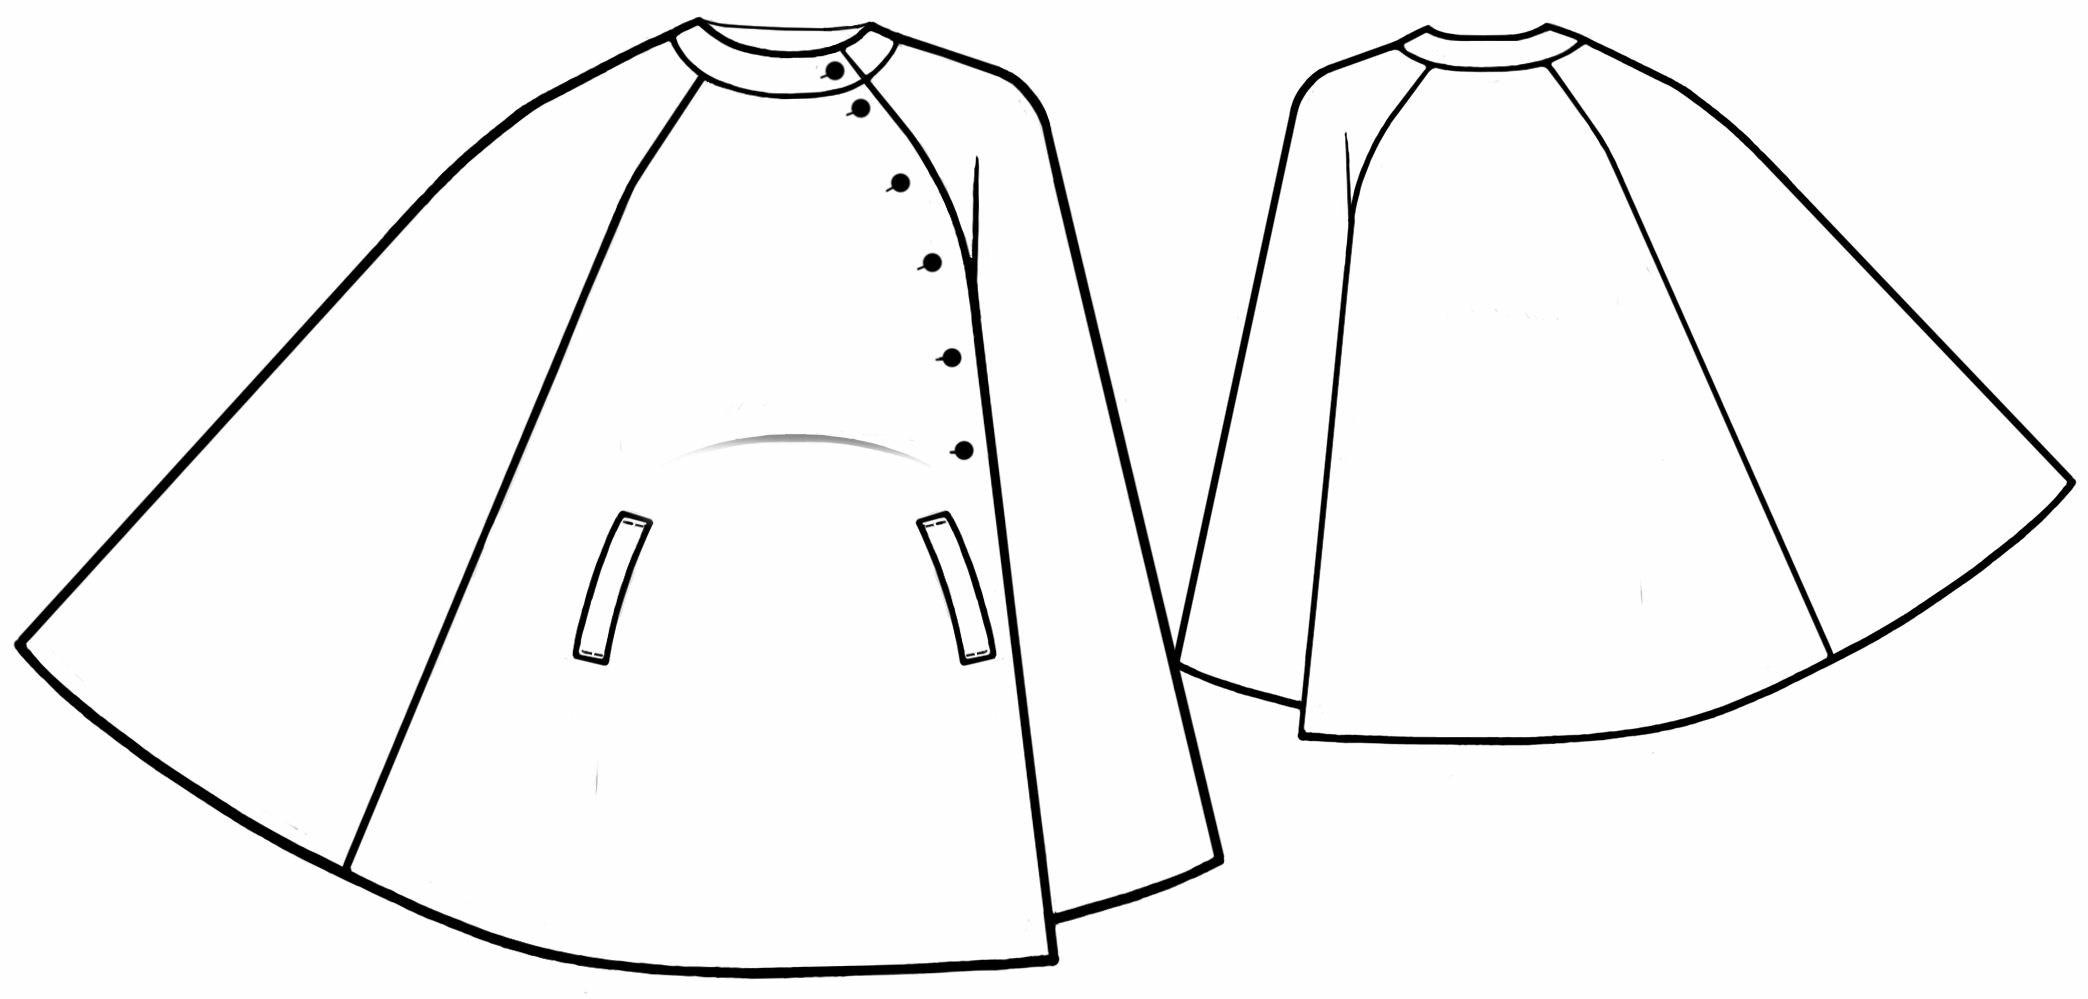 Пальто пончо своими руками фото и выкройки 46